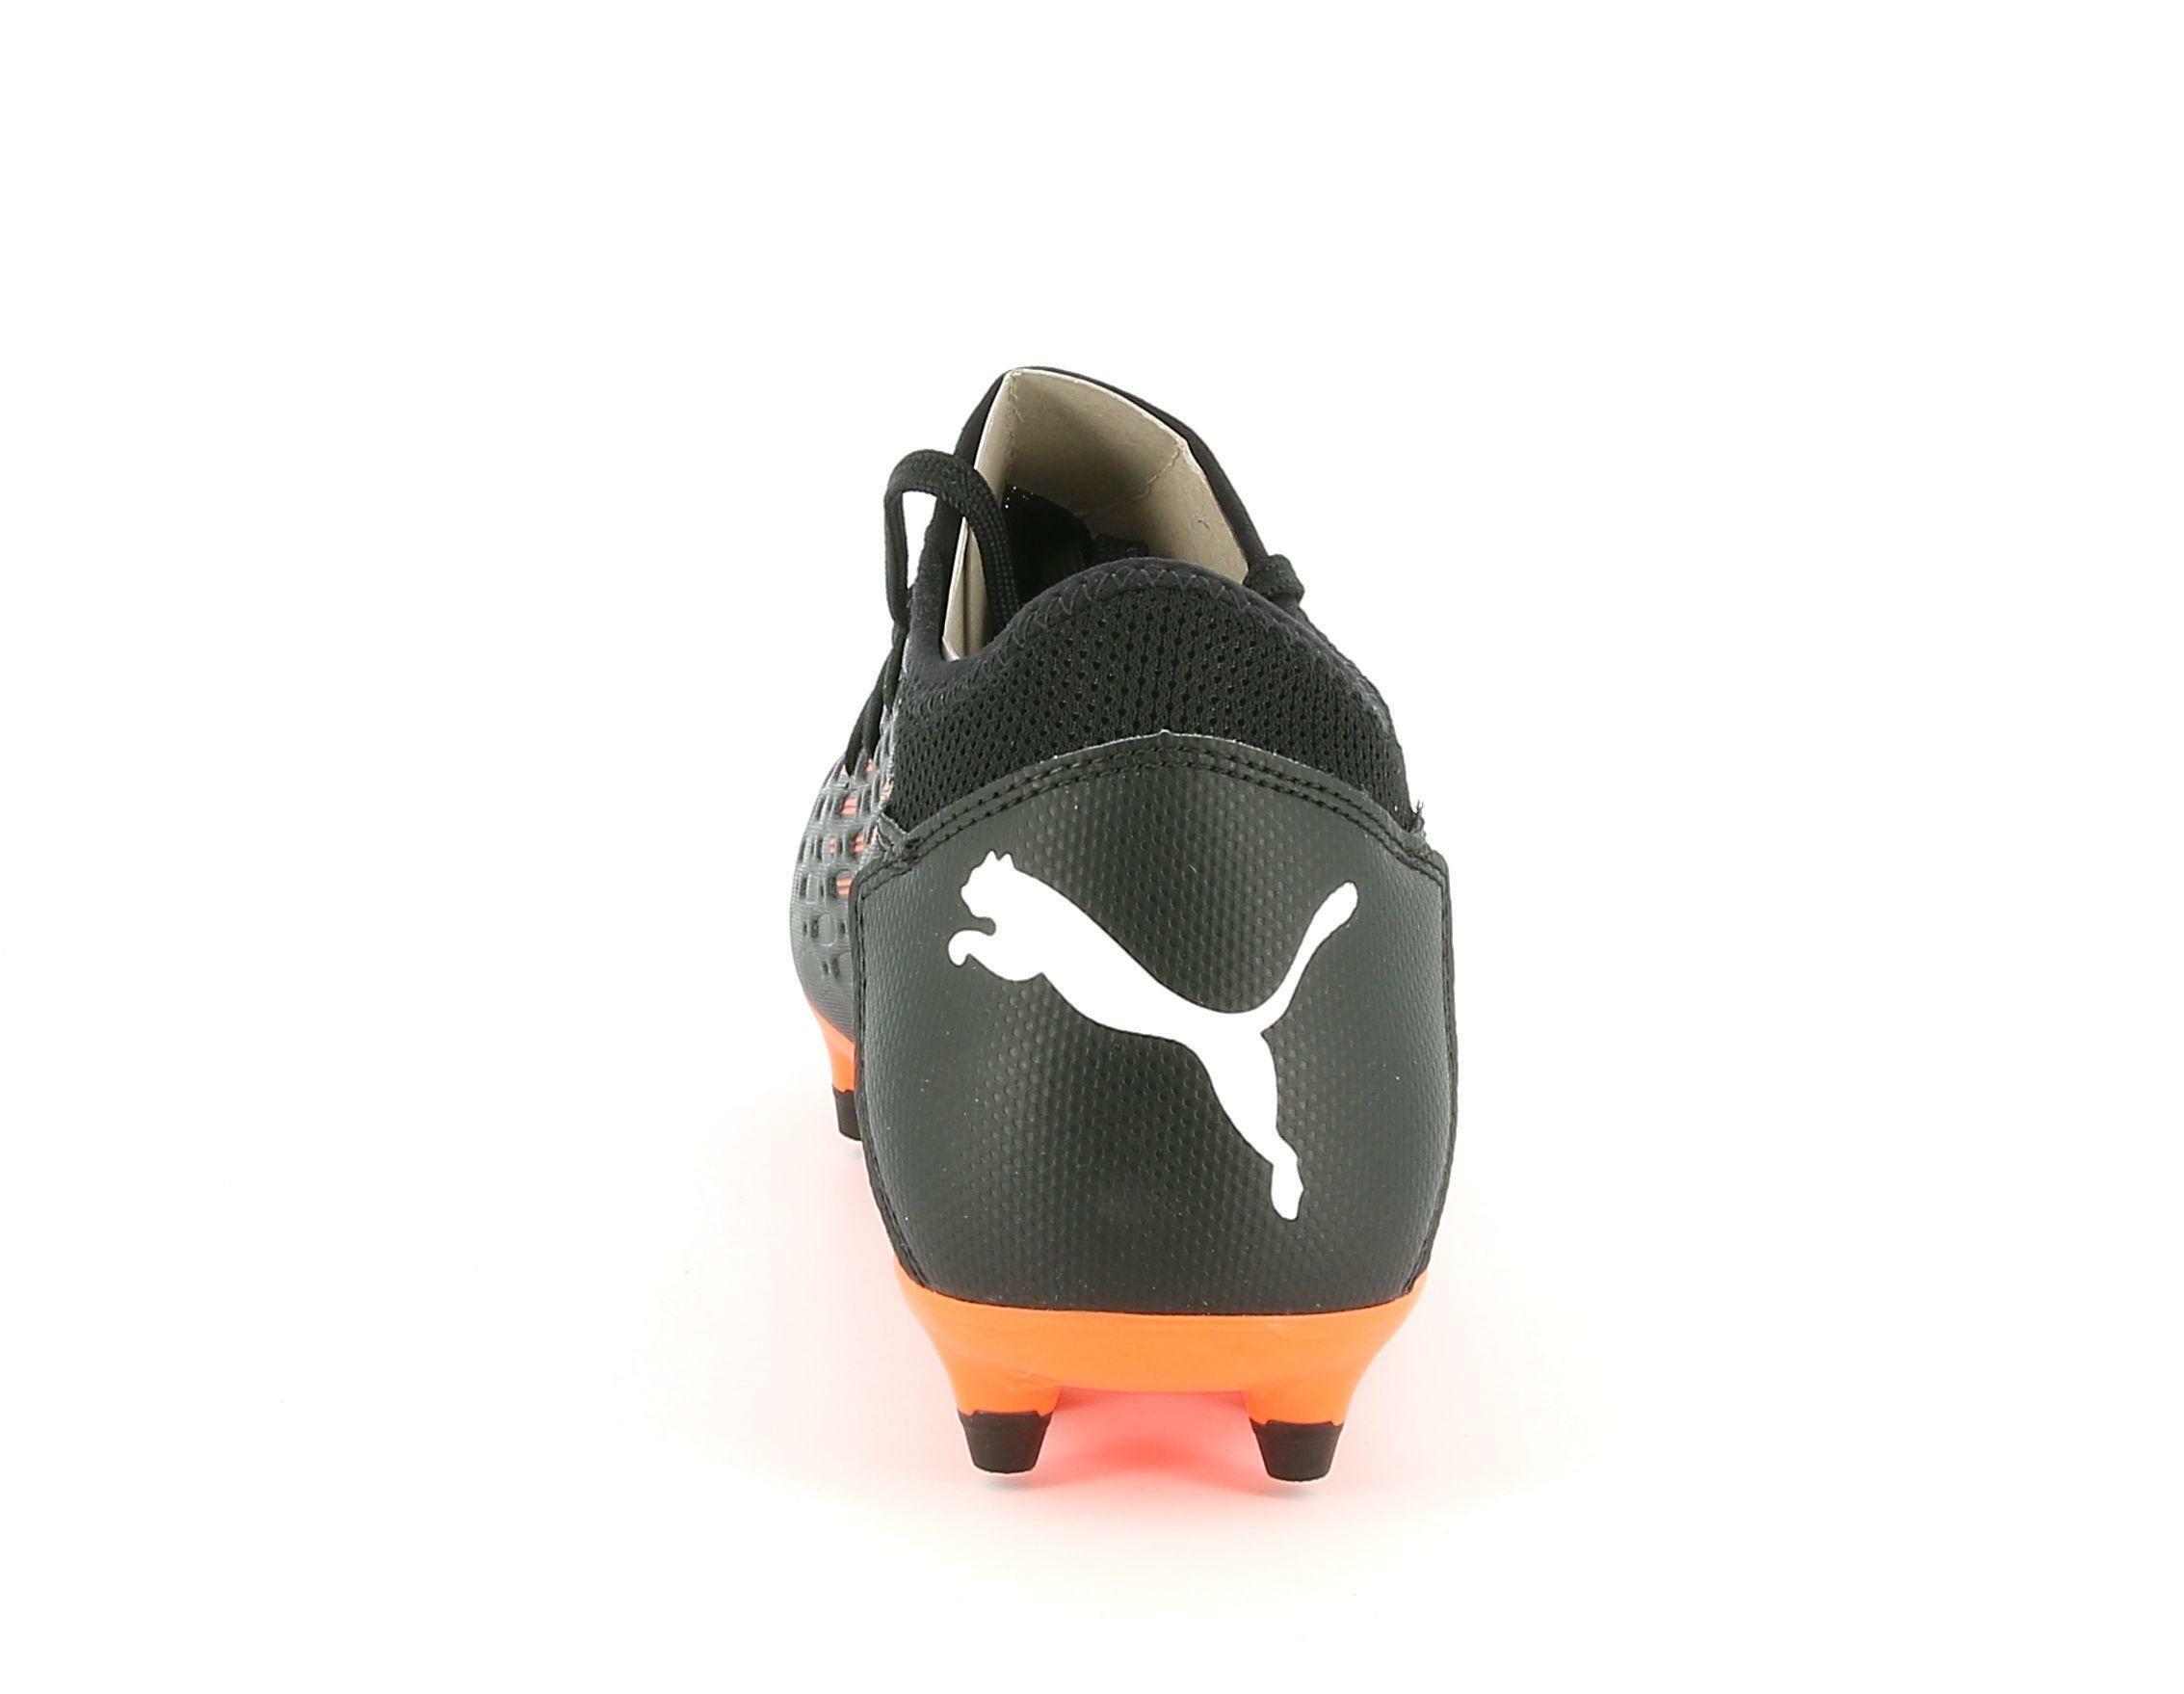 puma puma future 6.4 fg/ag 106195 001 nero scarpe da calcio uomo